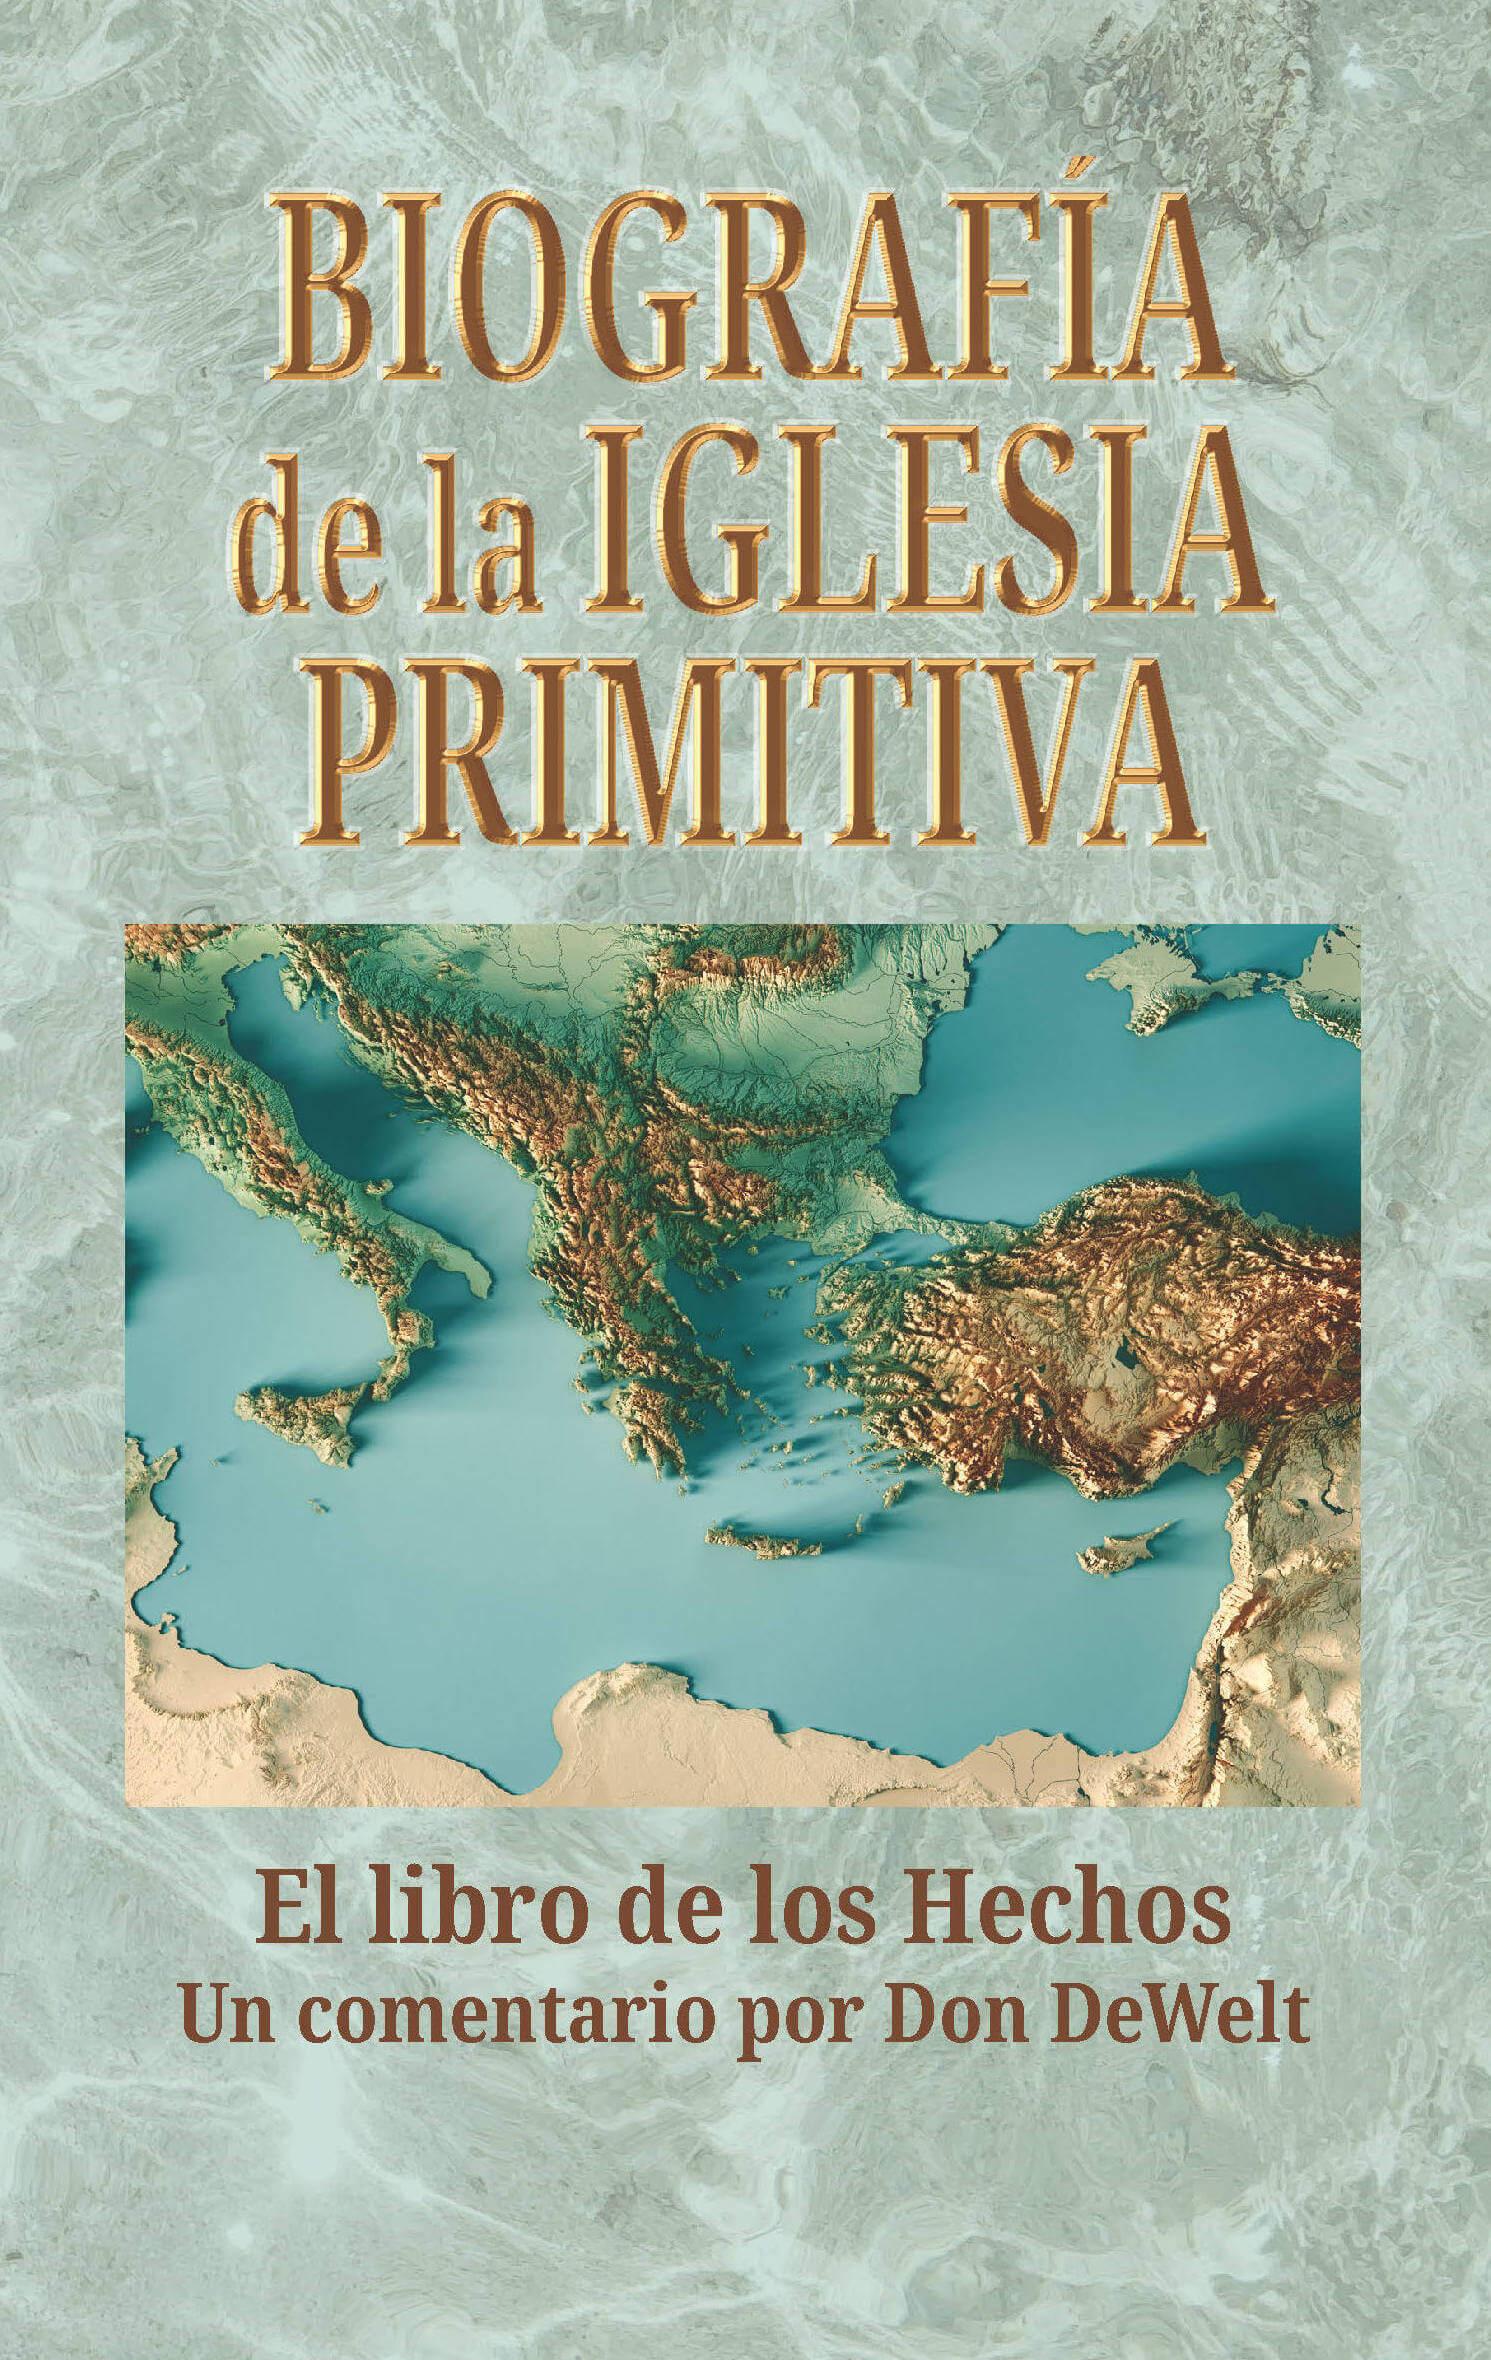 Biografía de la iglesia primitiva (Acts Made Actual)